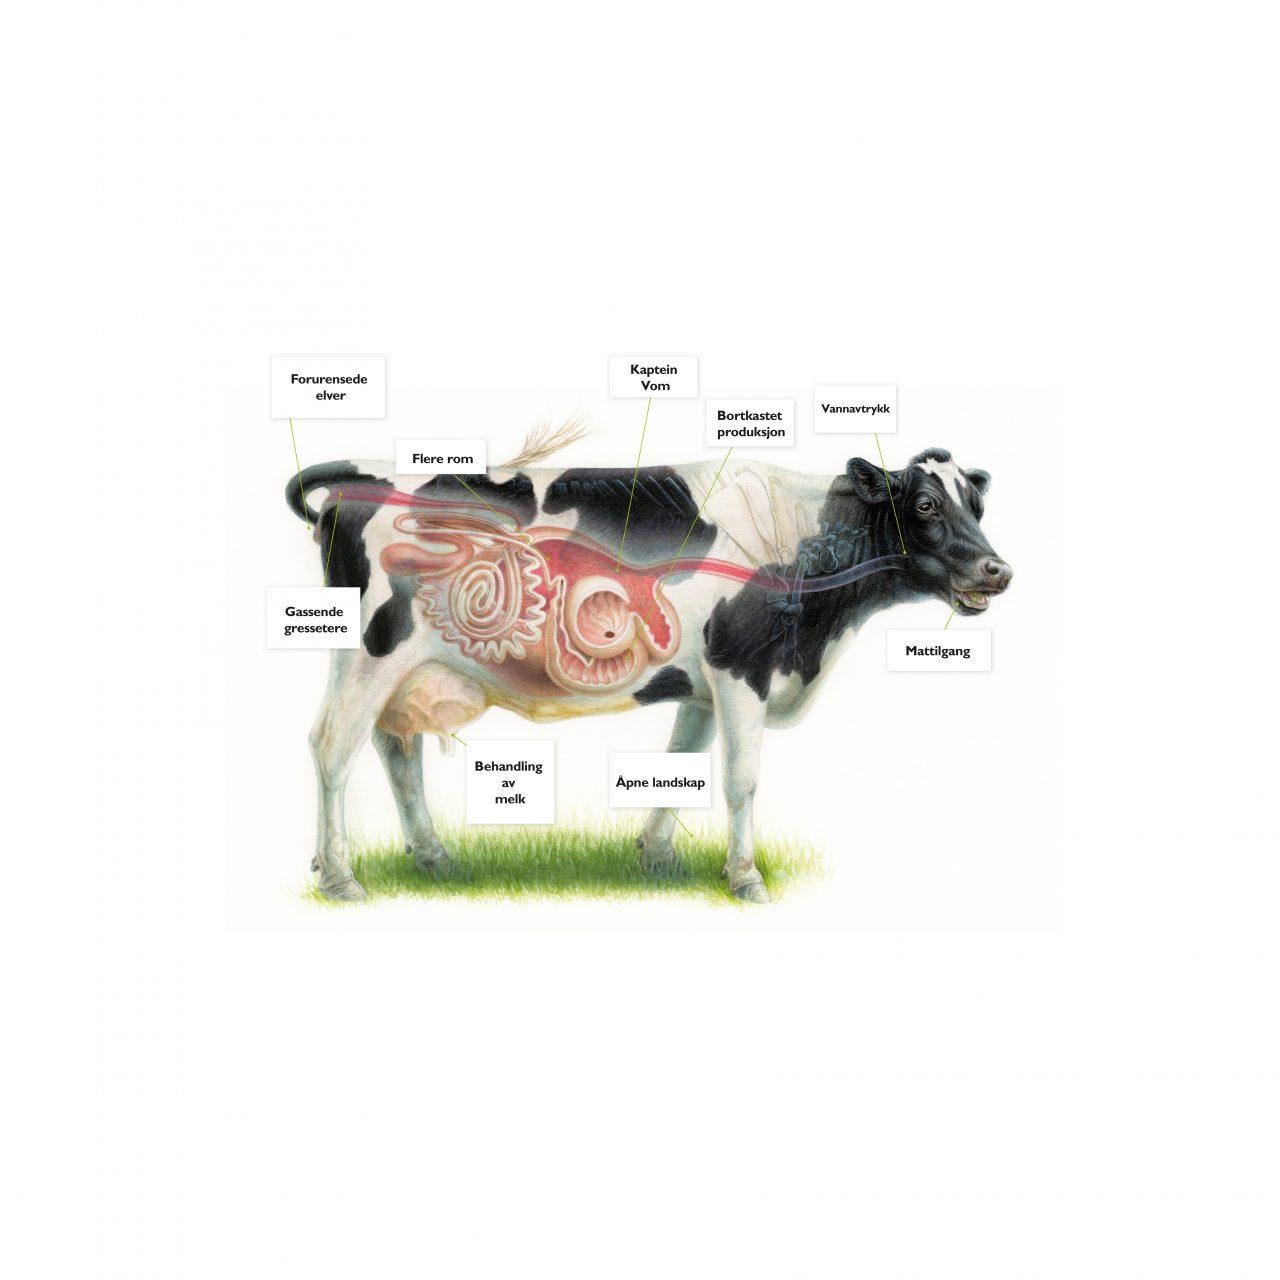 Hvordan påvirker kua miljøet